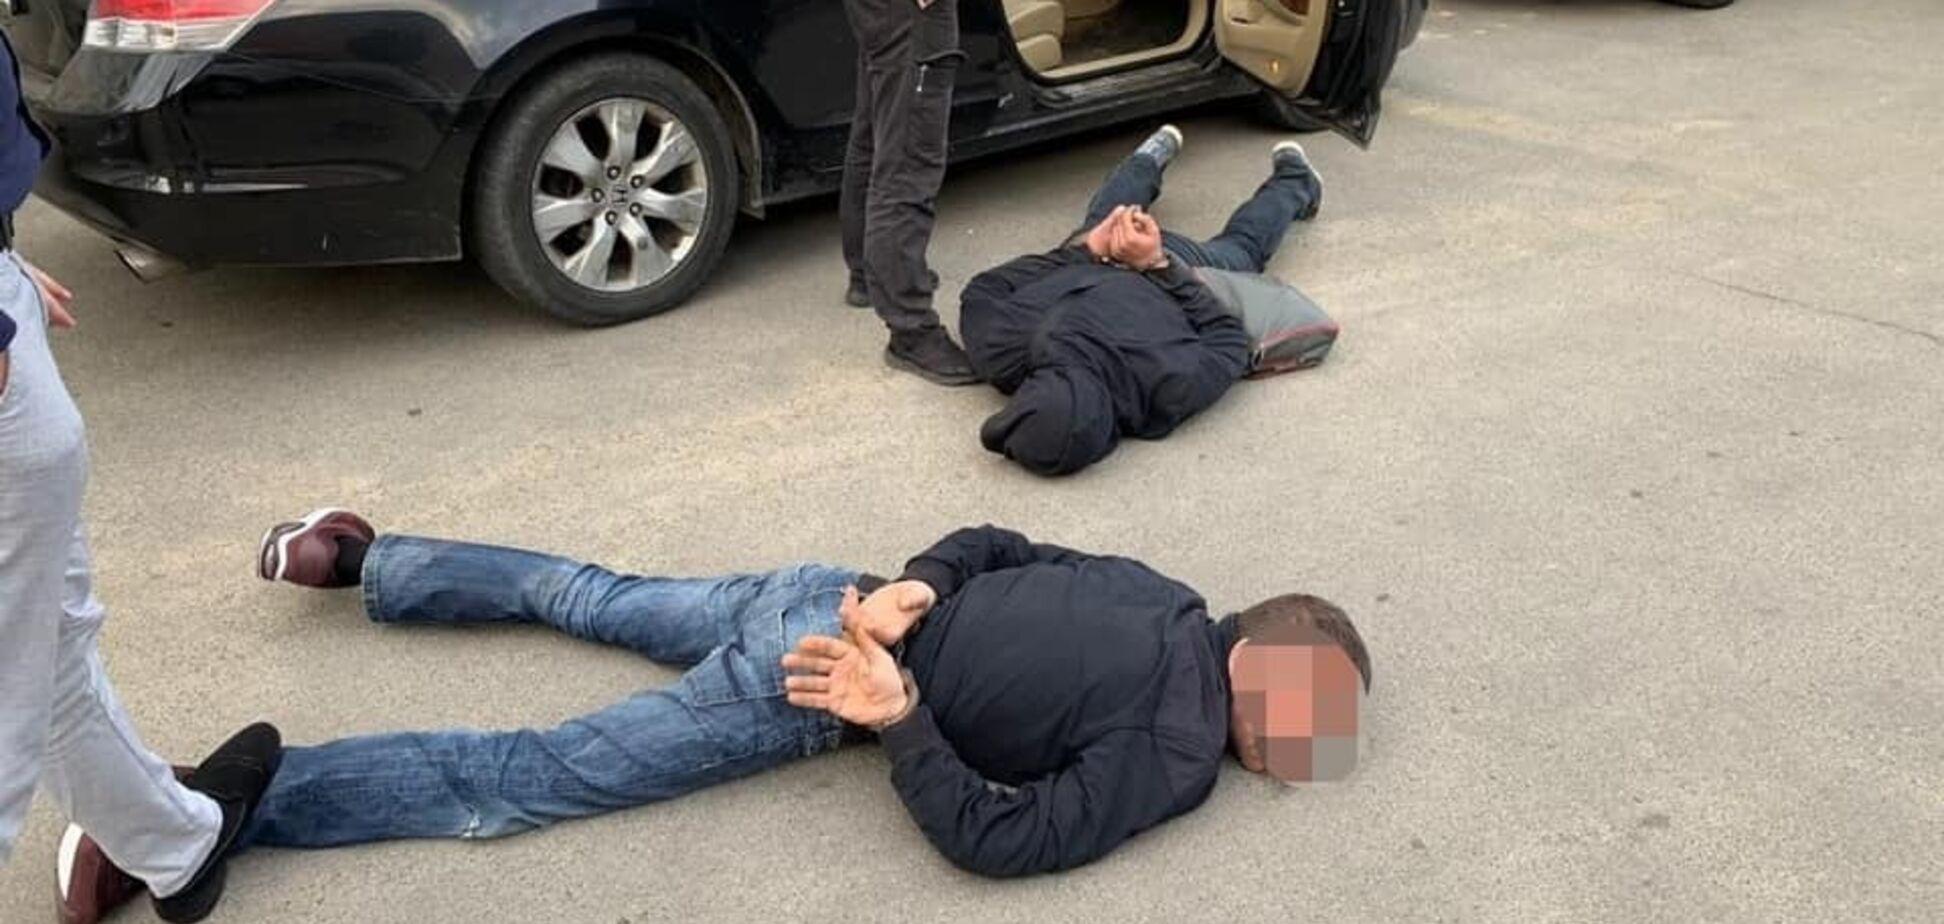 'Джентльмены неудачи!' В Киевской области накрыли грабителей терминала с деньгами